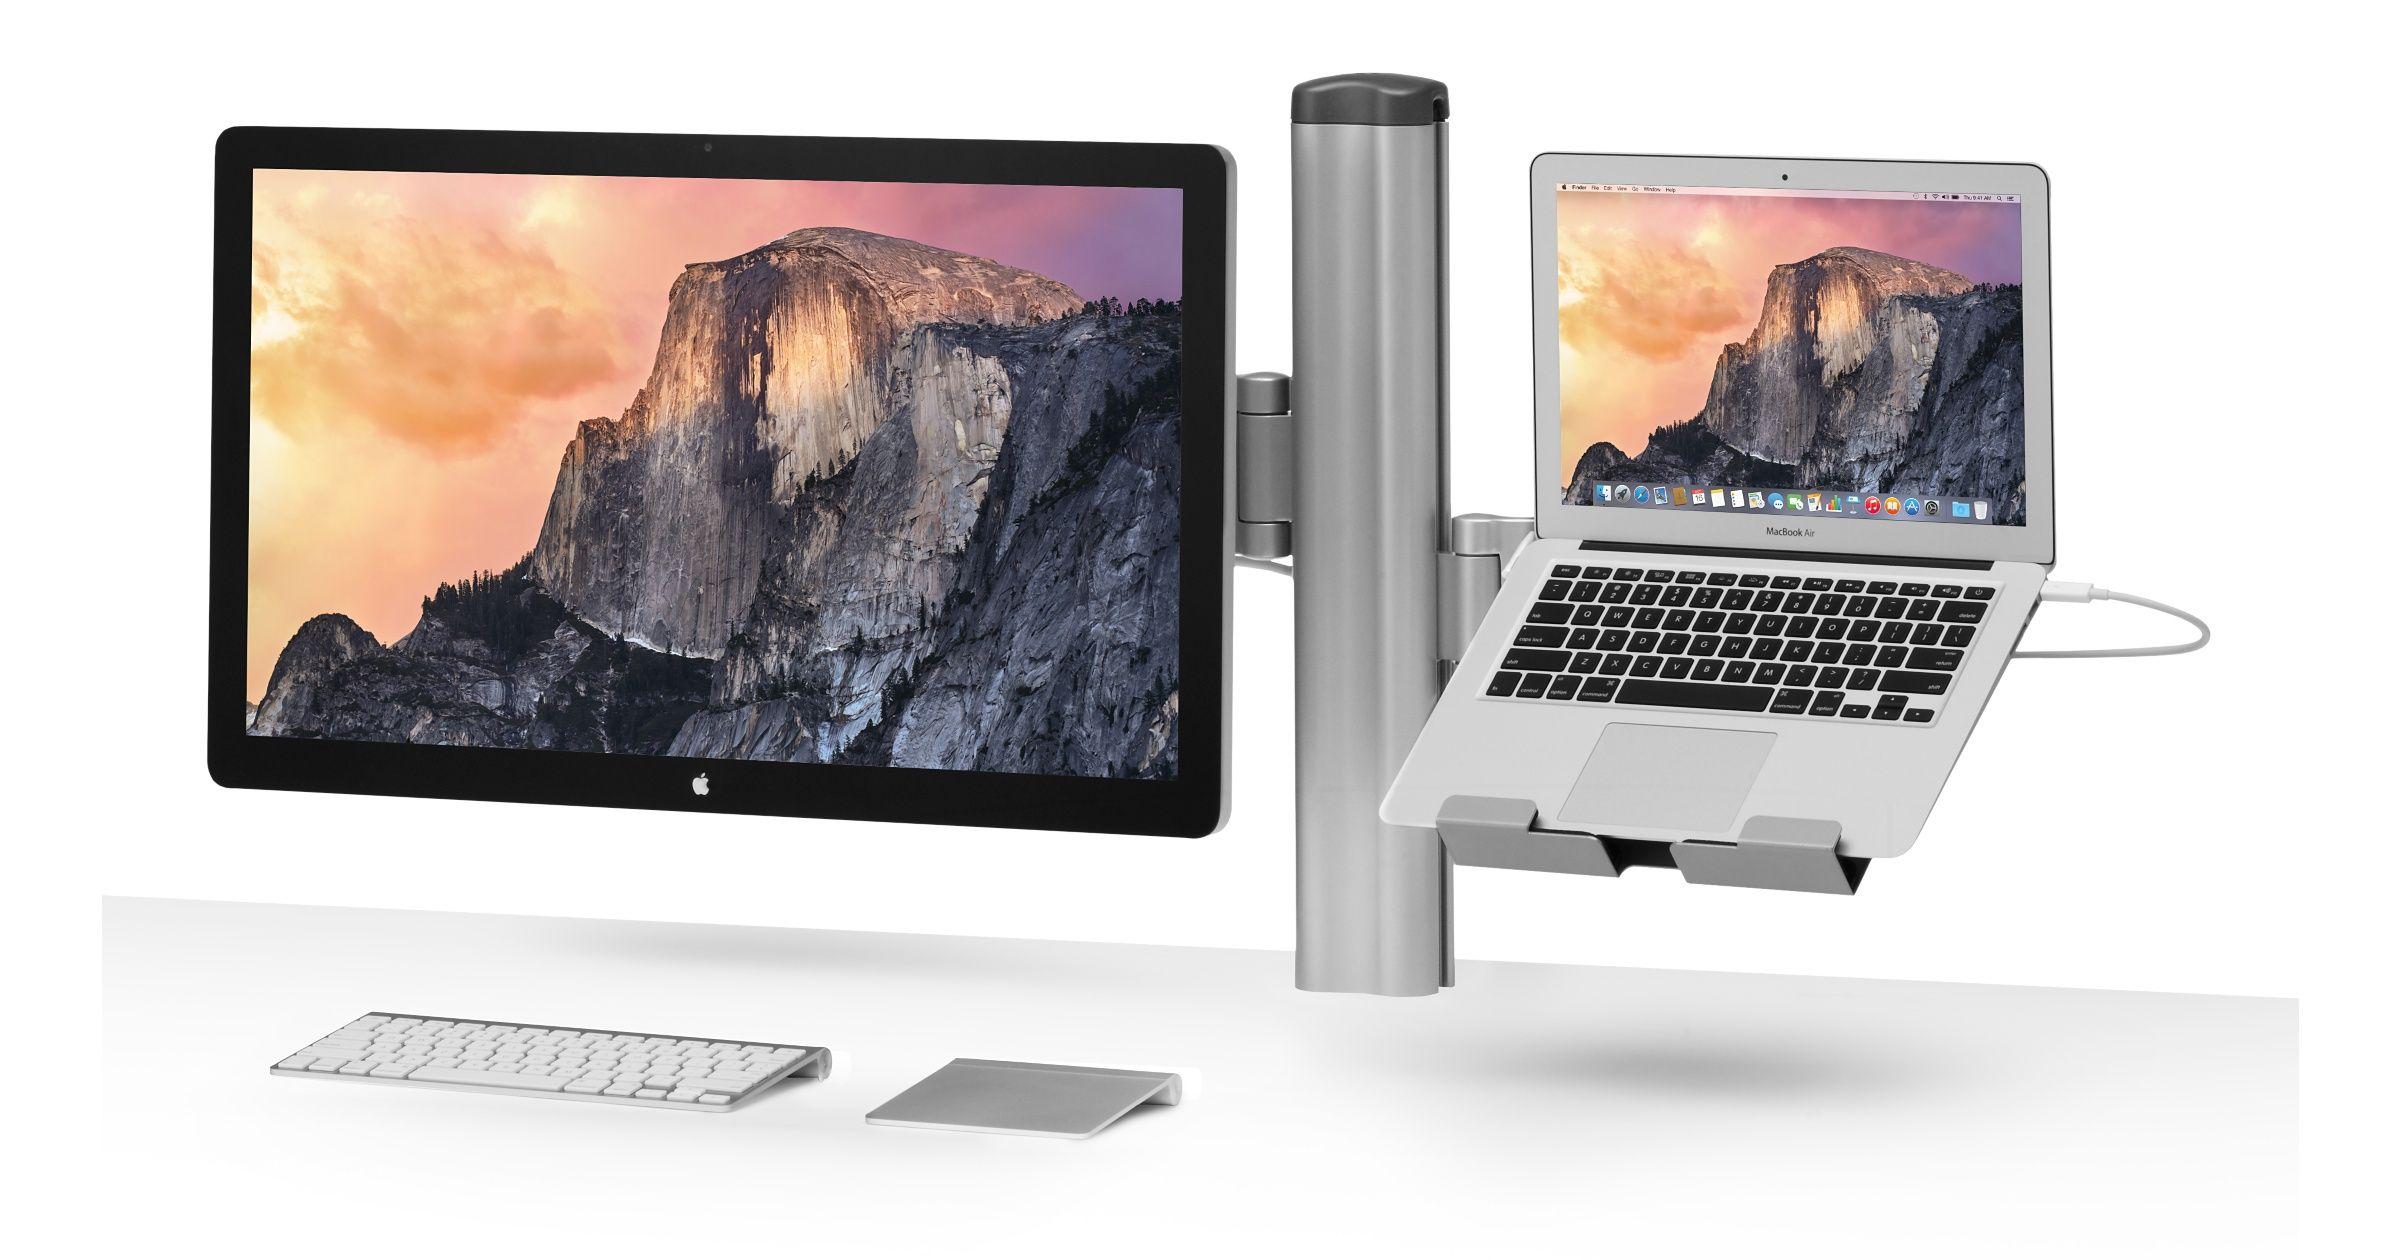 Bretford Mobilepro Desk Mount Combo Imac Mac Mini Imac Desktop